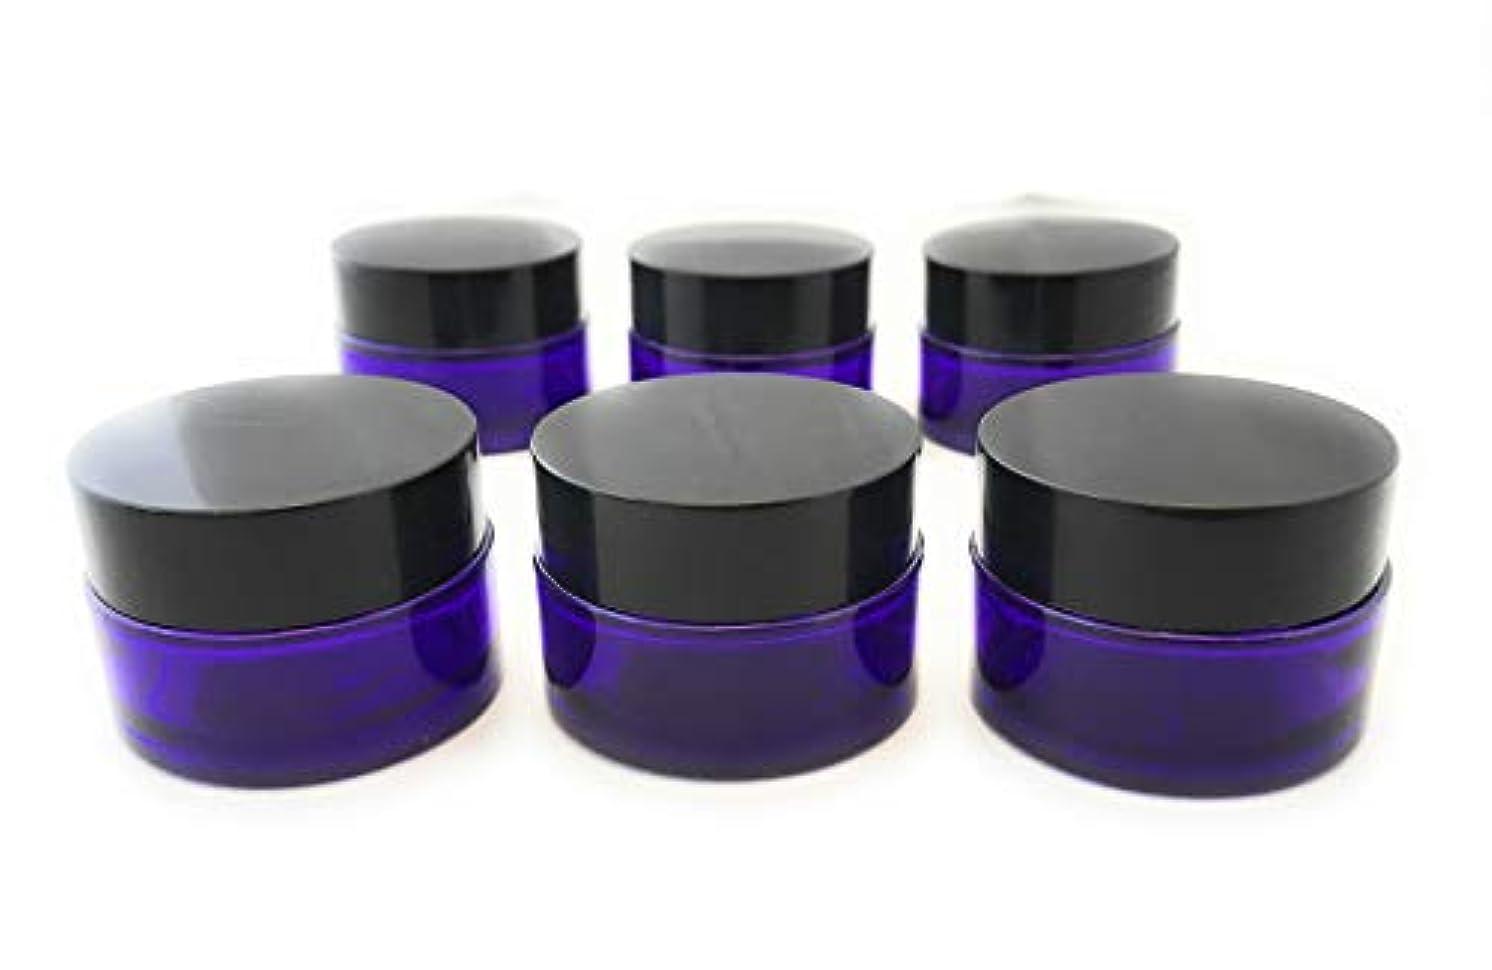 皮肉純度隔離(m-stone)クリーム容器 遮光ジャー 6個セット アロマクリーム ハンドクリーム 遮光瓶 ガラス 瓶 ボトル ビン パープル (50g)